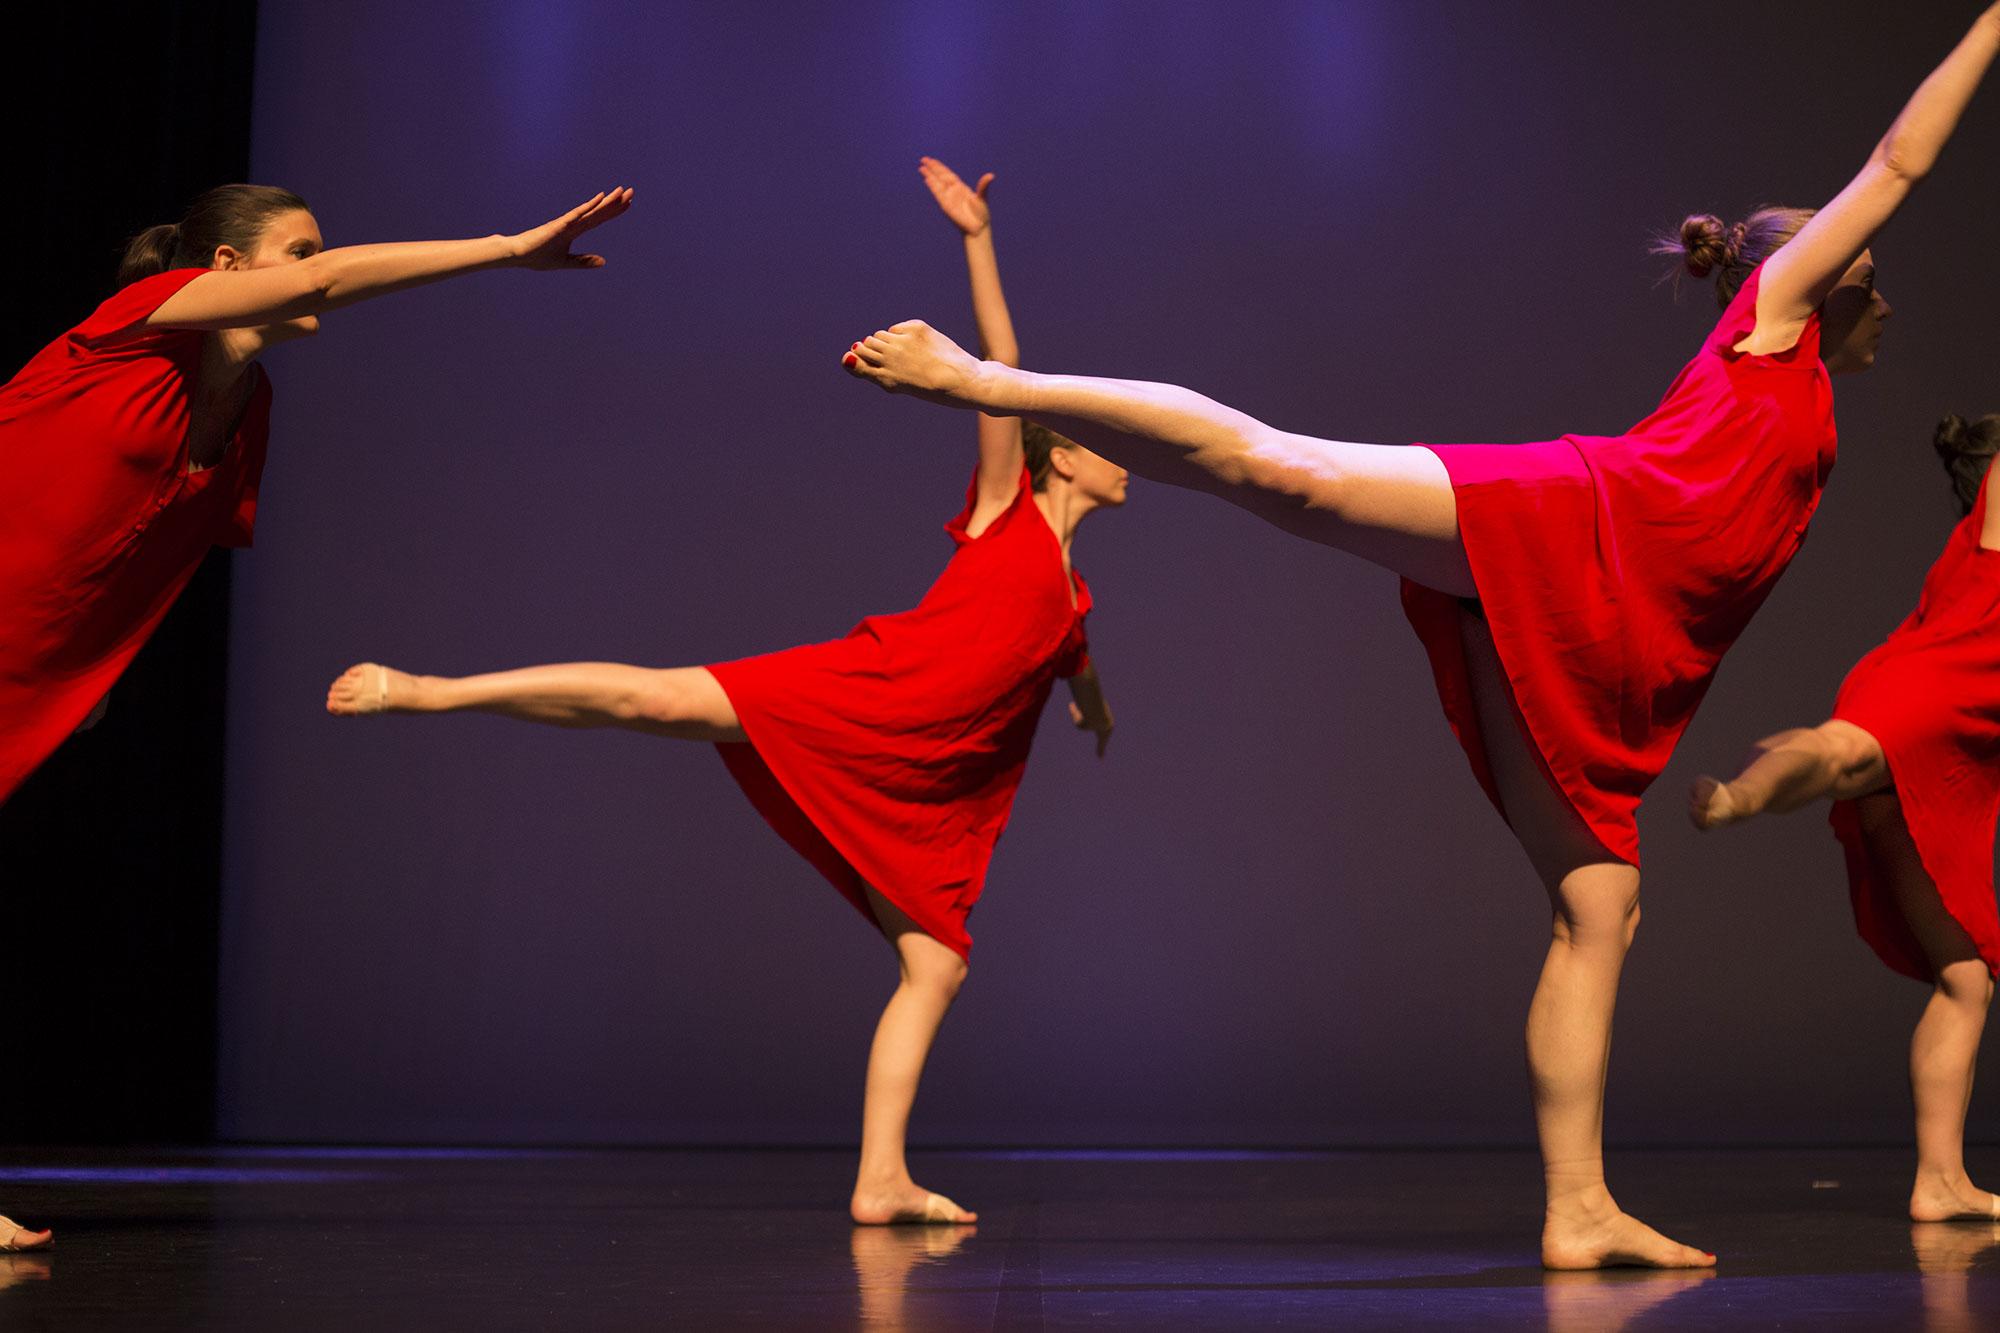 http://danse-modernjazz.com/wp-content/uploads/2020/03/danse-montrouge_030a.jpg